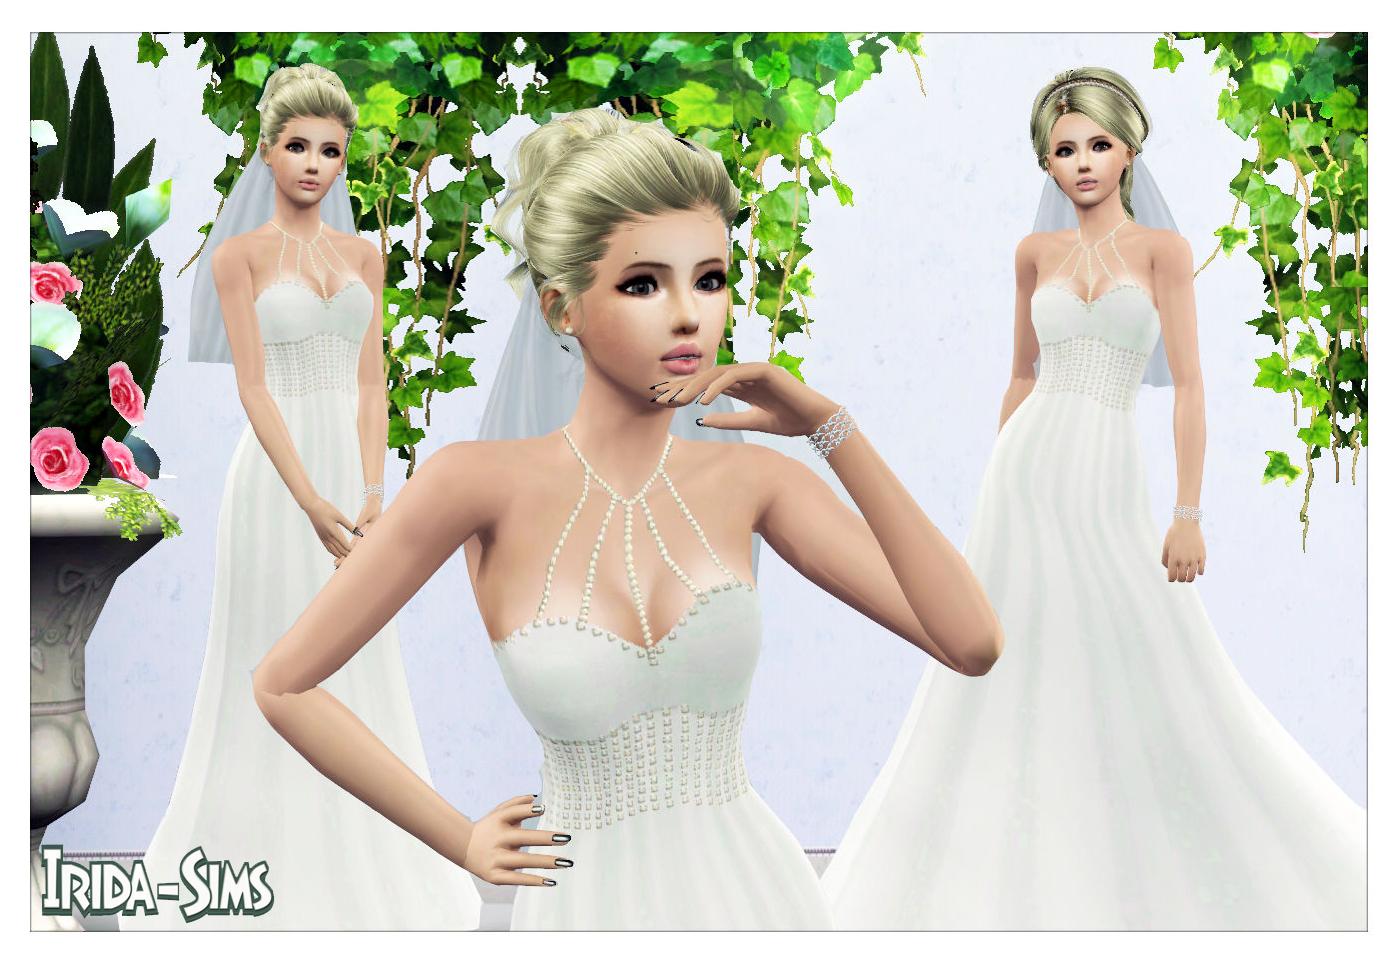 Свадьбы без одежды 7 фотография